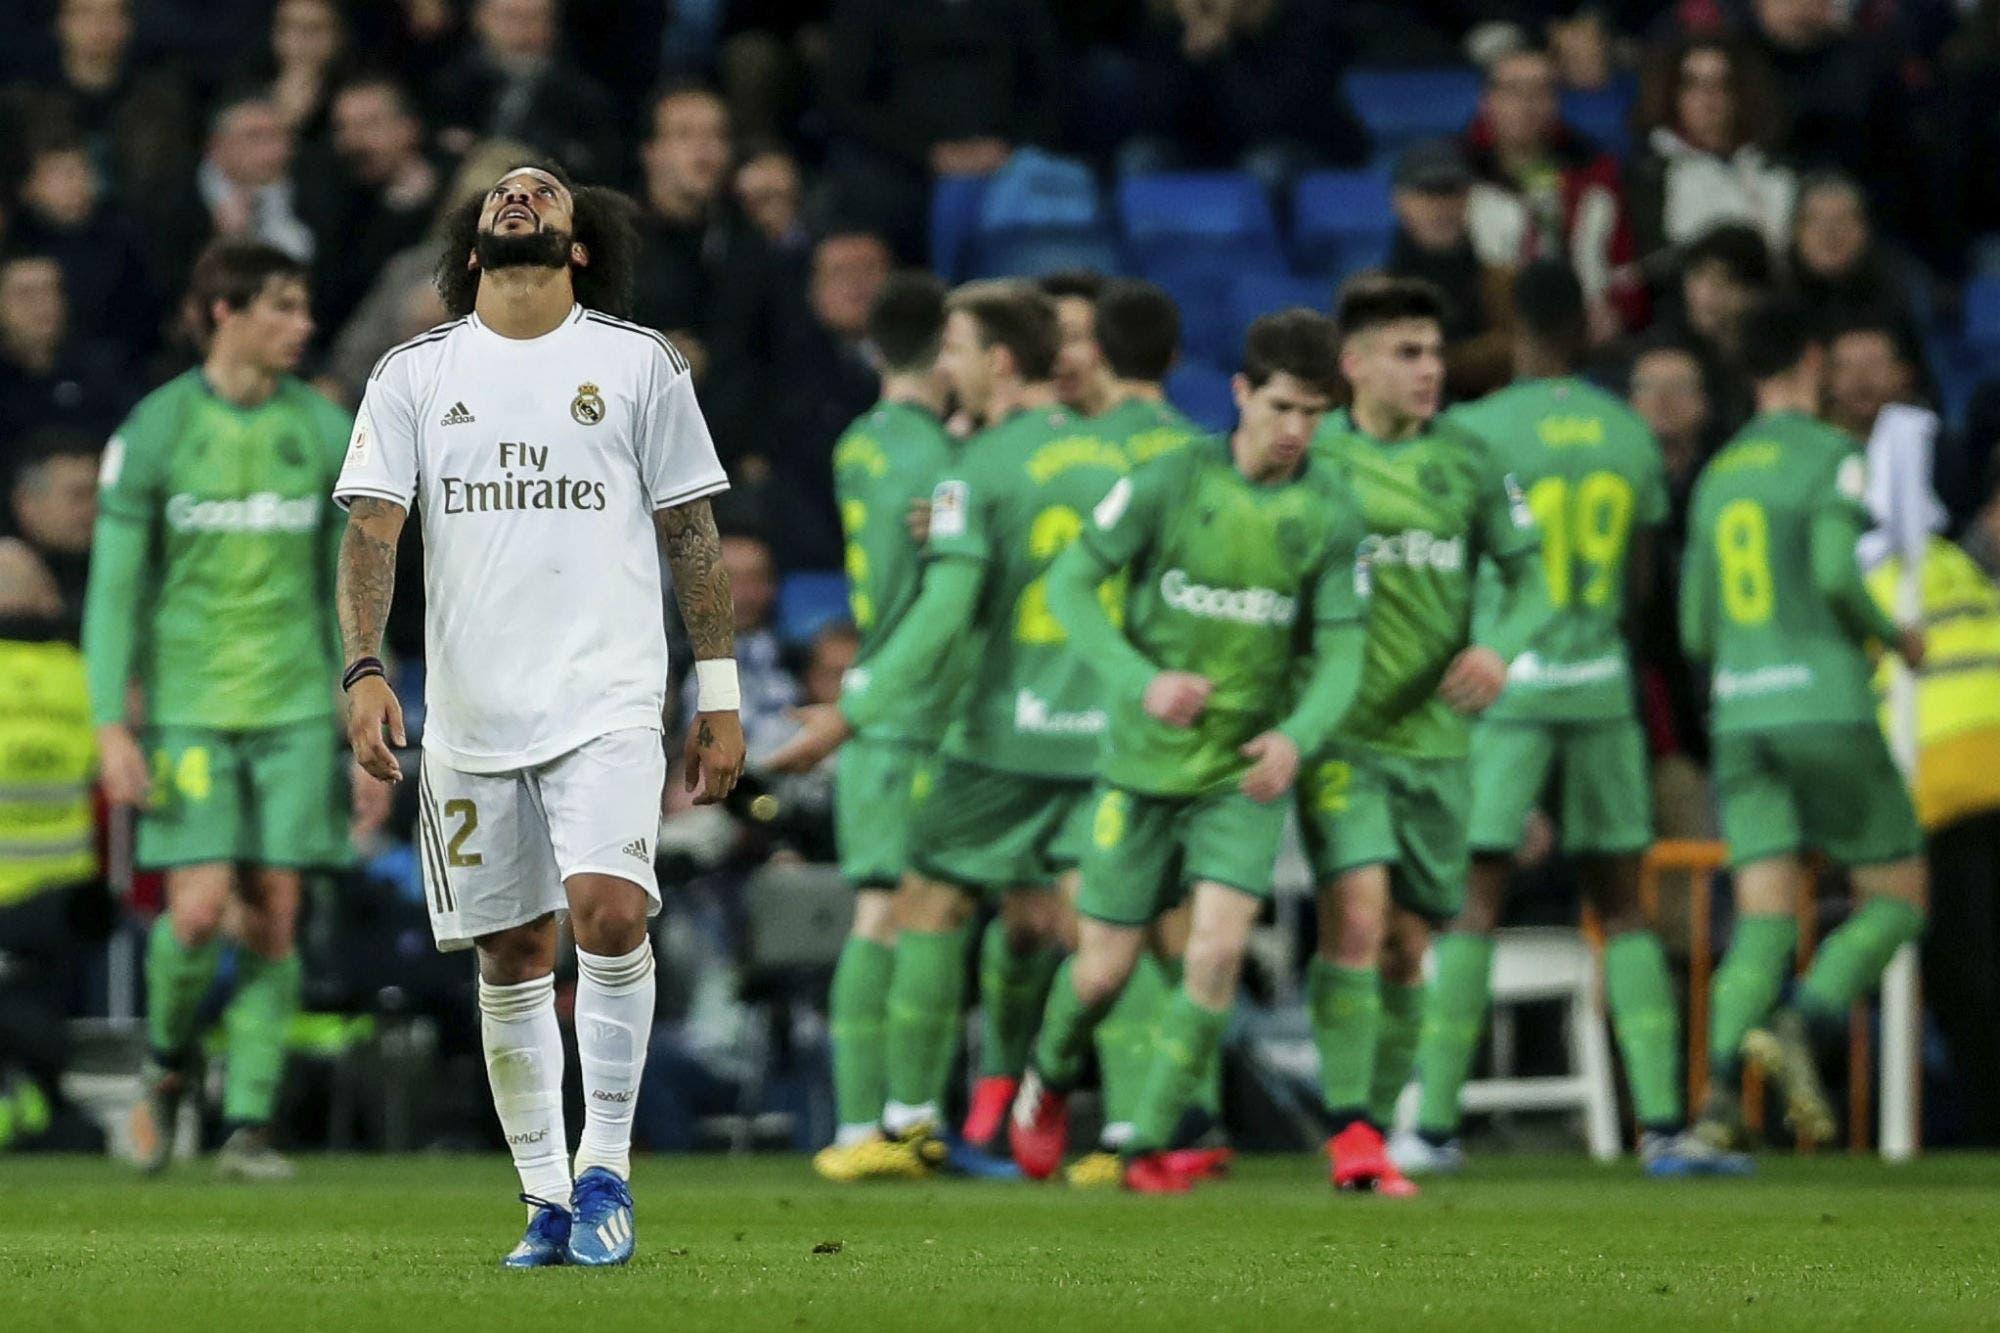 Real Madrid, eliminado: Real Sociedad le ganó y lo sacó de la Copa del Rey en el Santiago Bernabéu